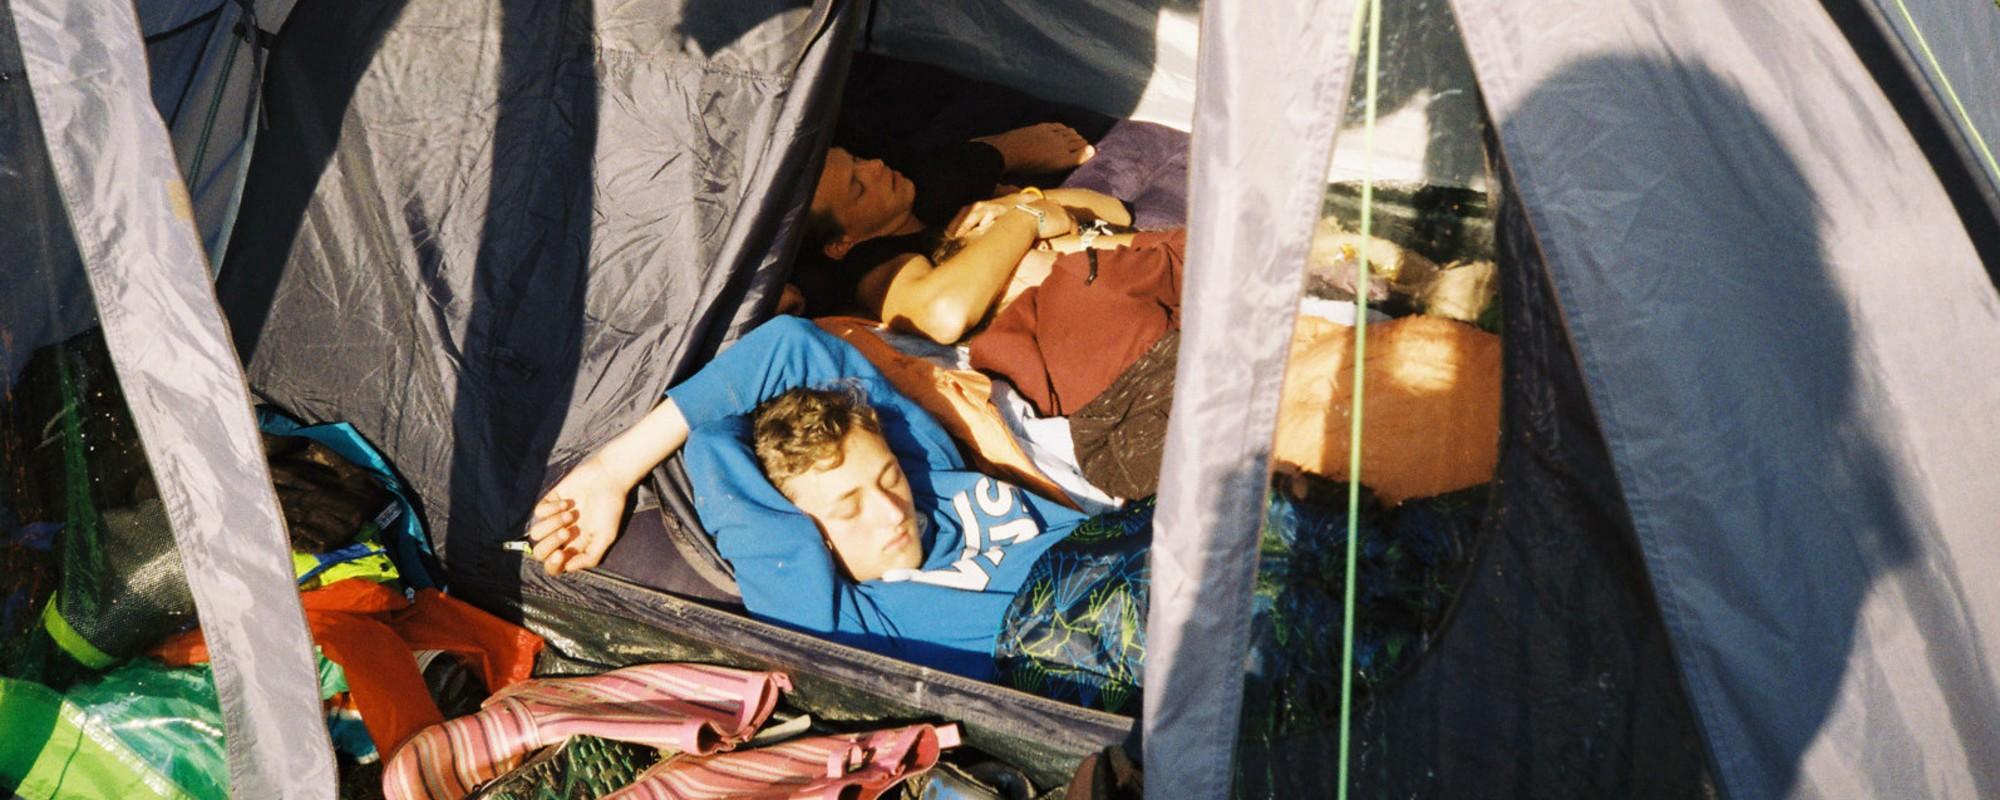 Fotografii cu oameni care se relaxează la cort, la Electric Castle, înainte să vină potopul